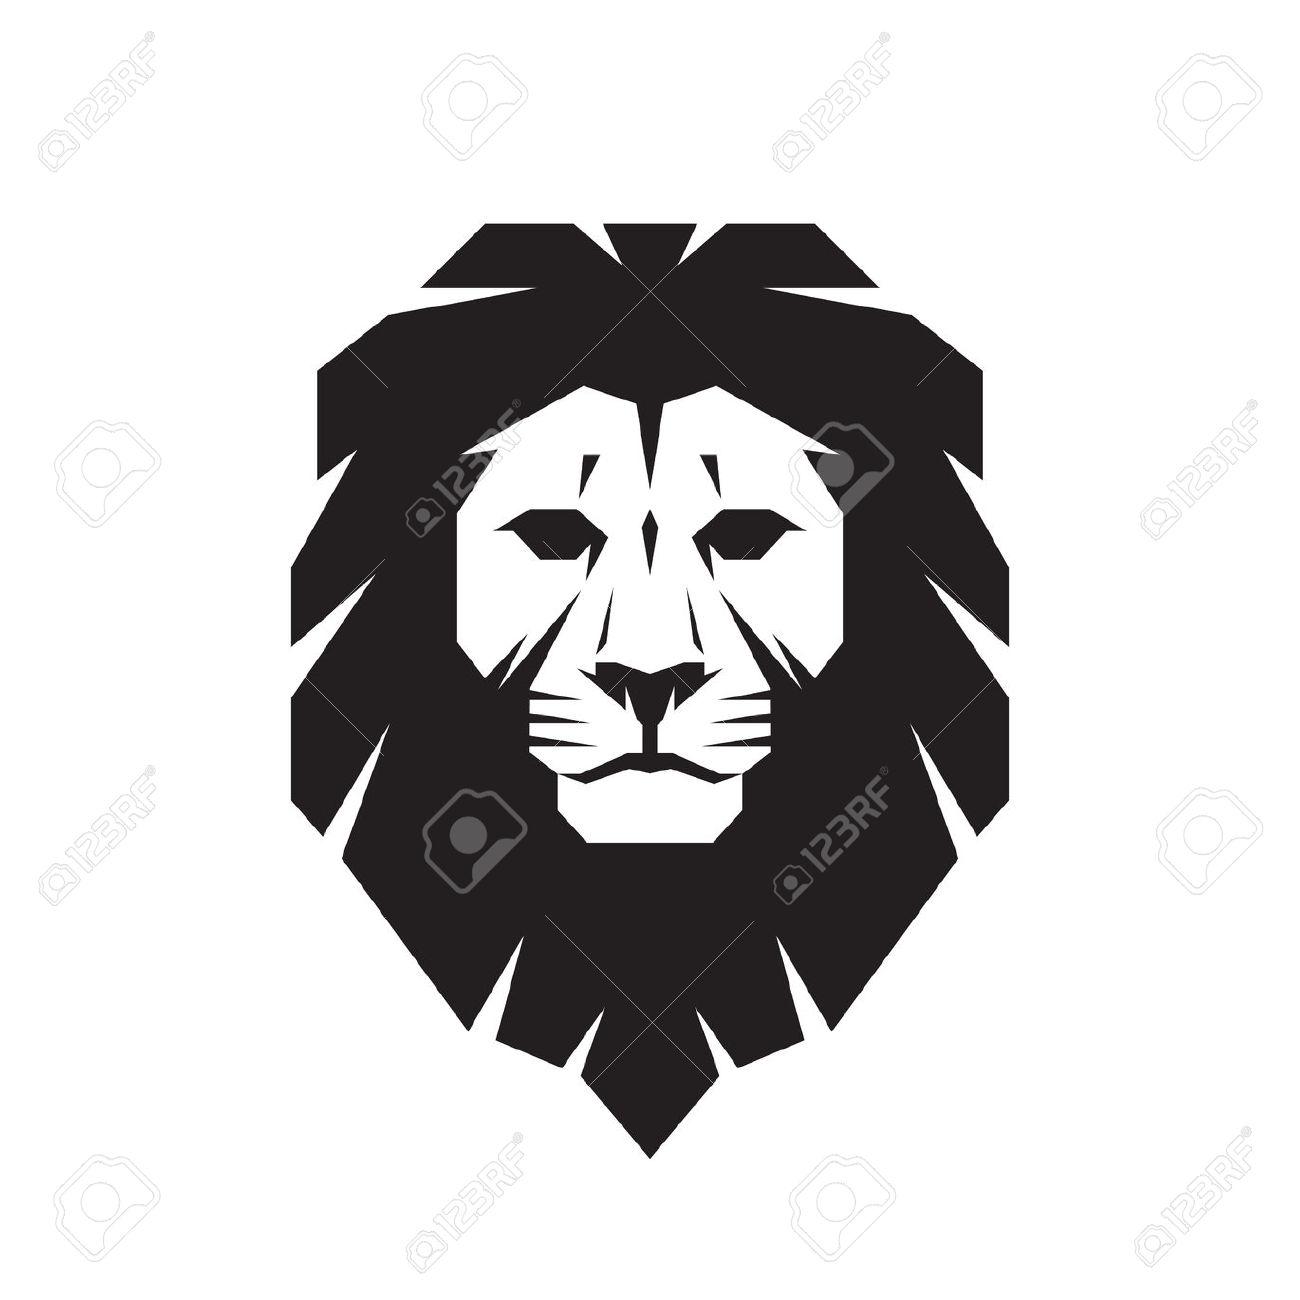 Lion clipart beard #15